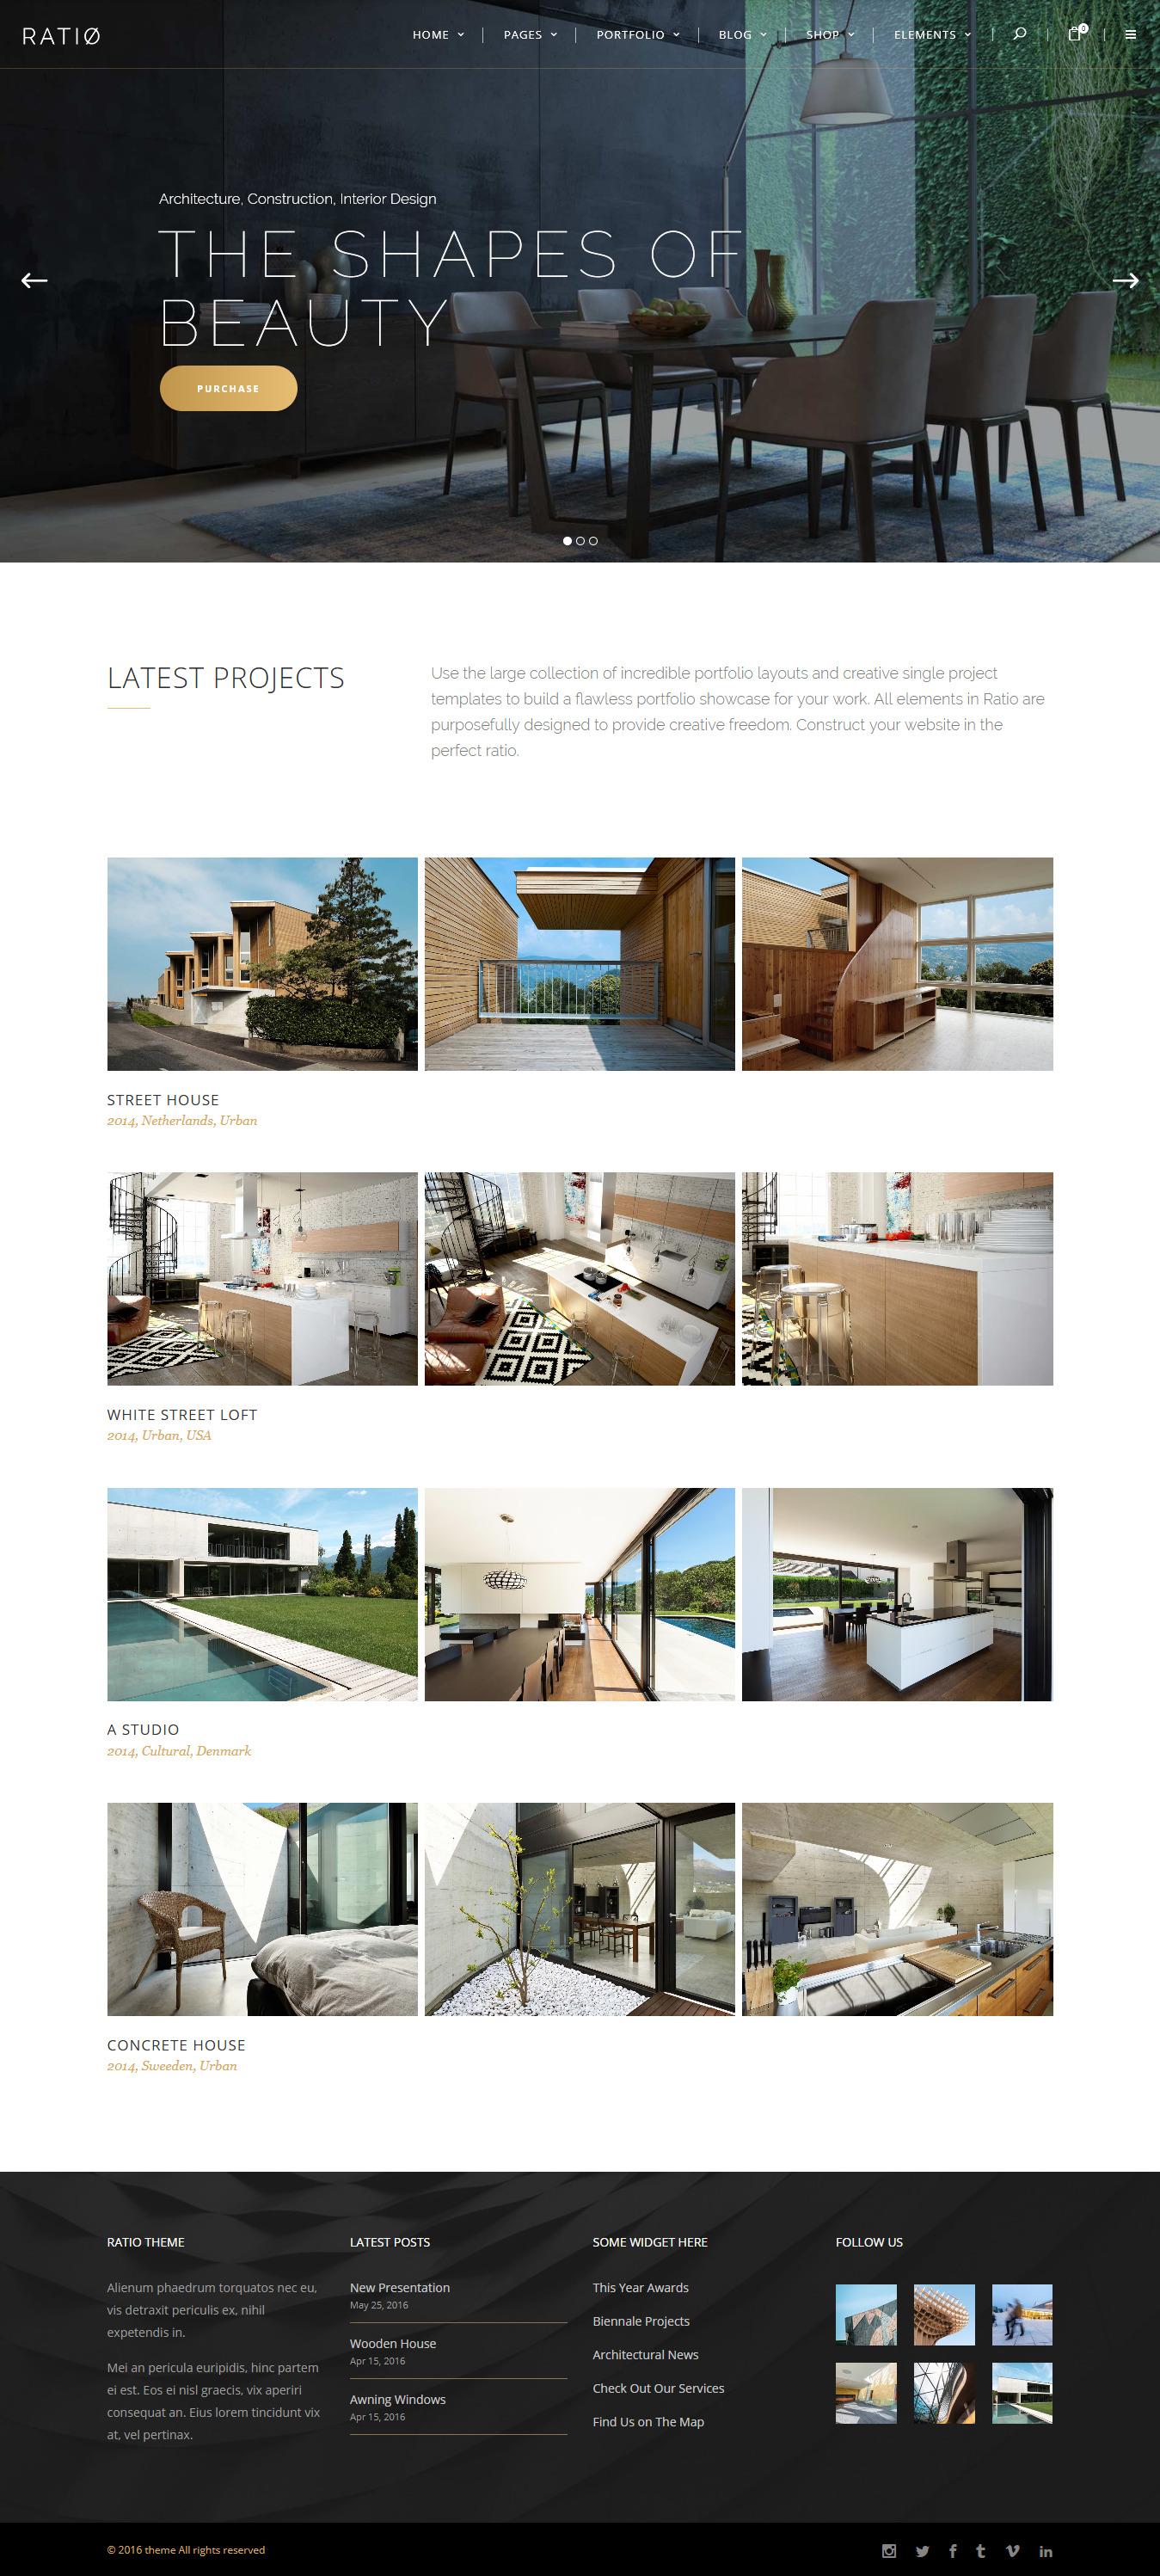 ratio best premium interior design wordpress theme - 10+ Best Premium Interior Design WordPress Themes